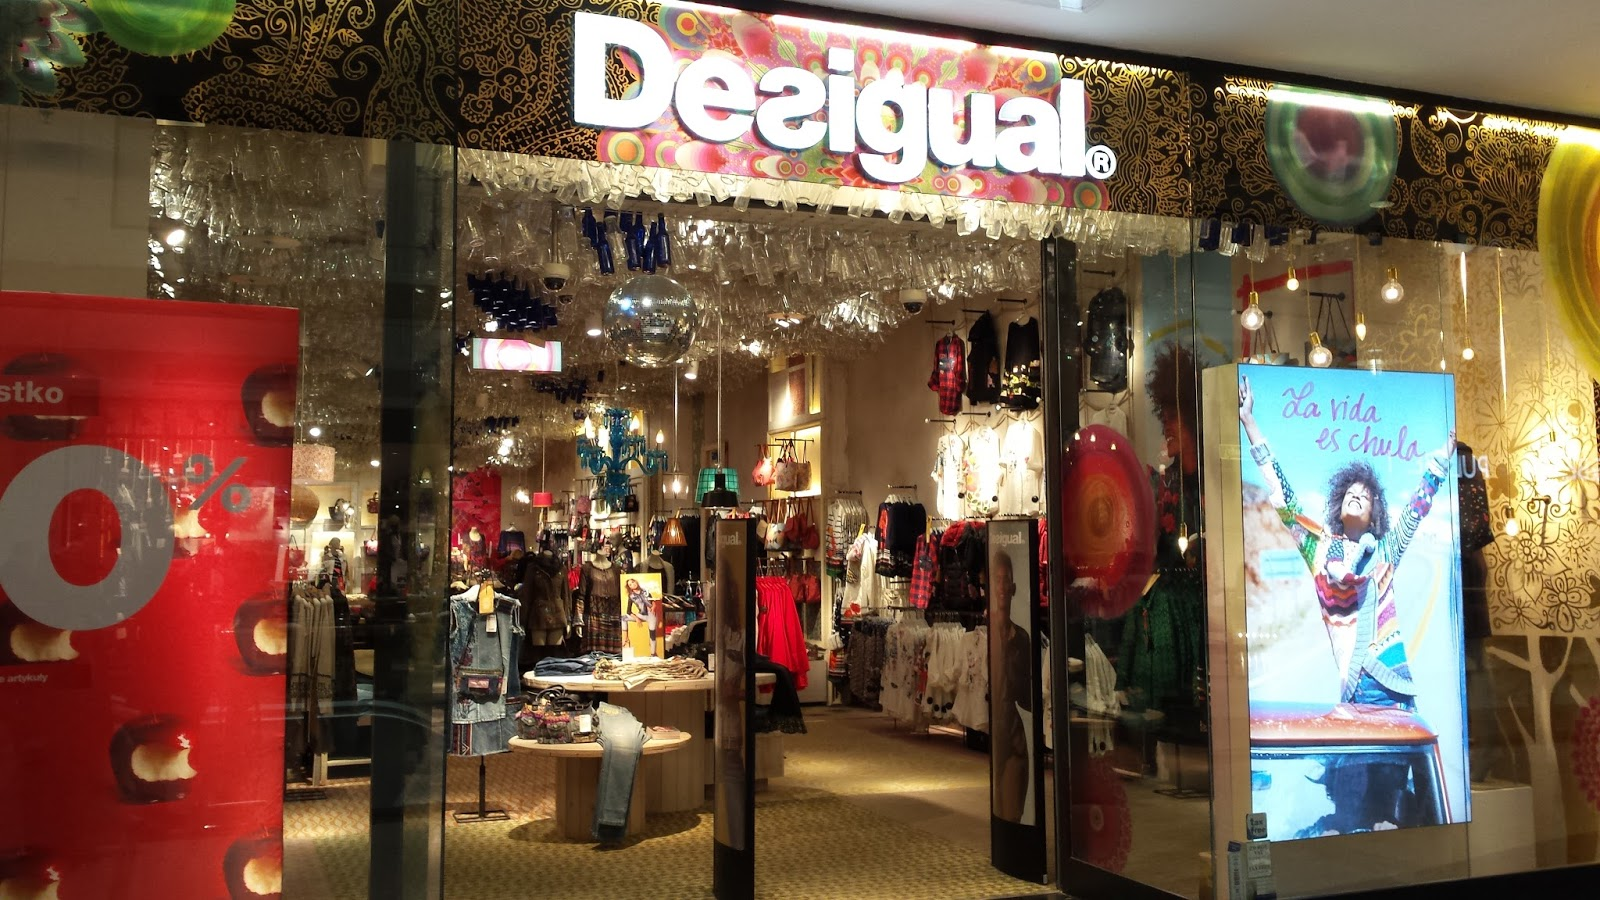 hiszpańska marka Desigual, sklepy Desigual w Polsce, hiszpańska moda, oryginalne ubrania i akcesoria